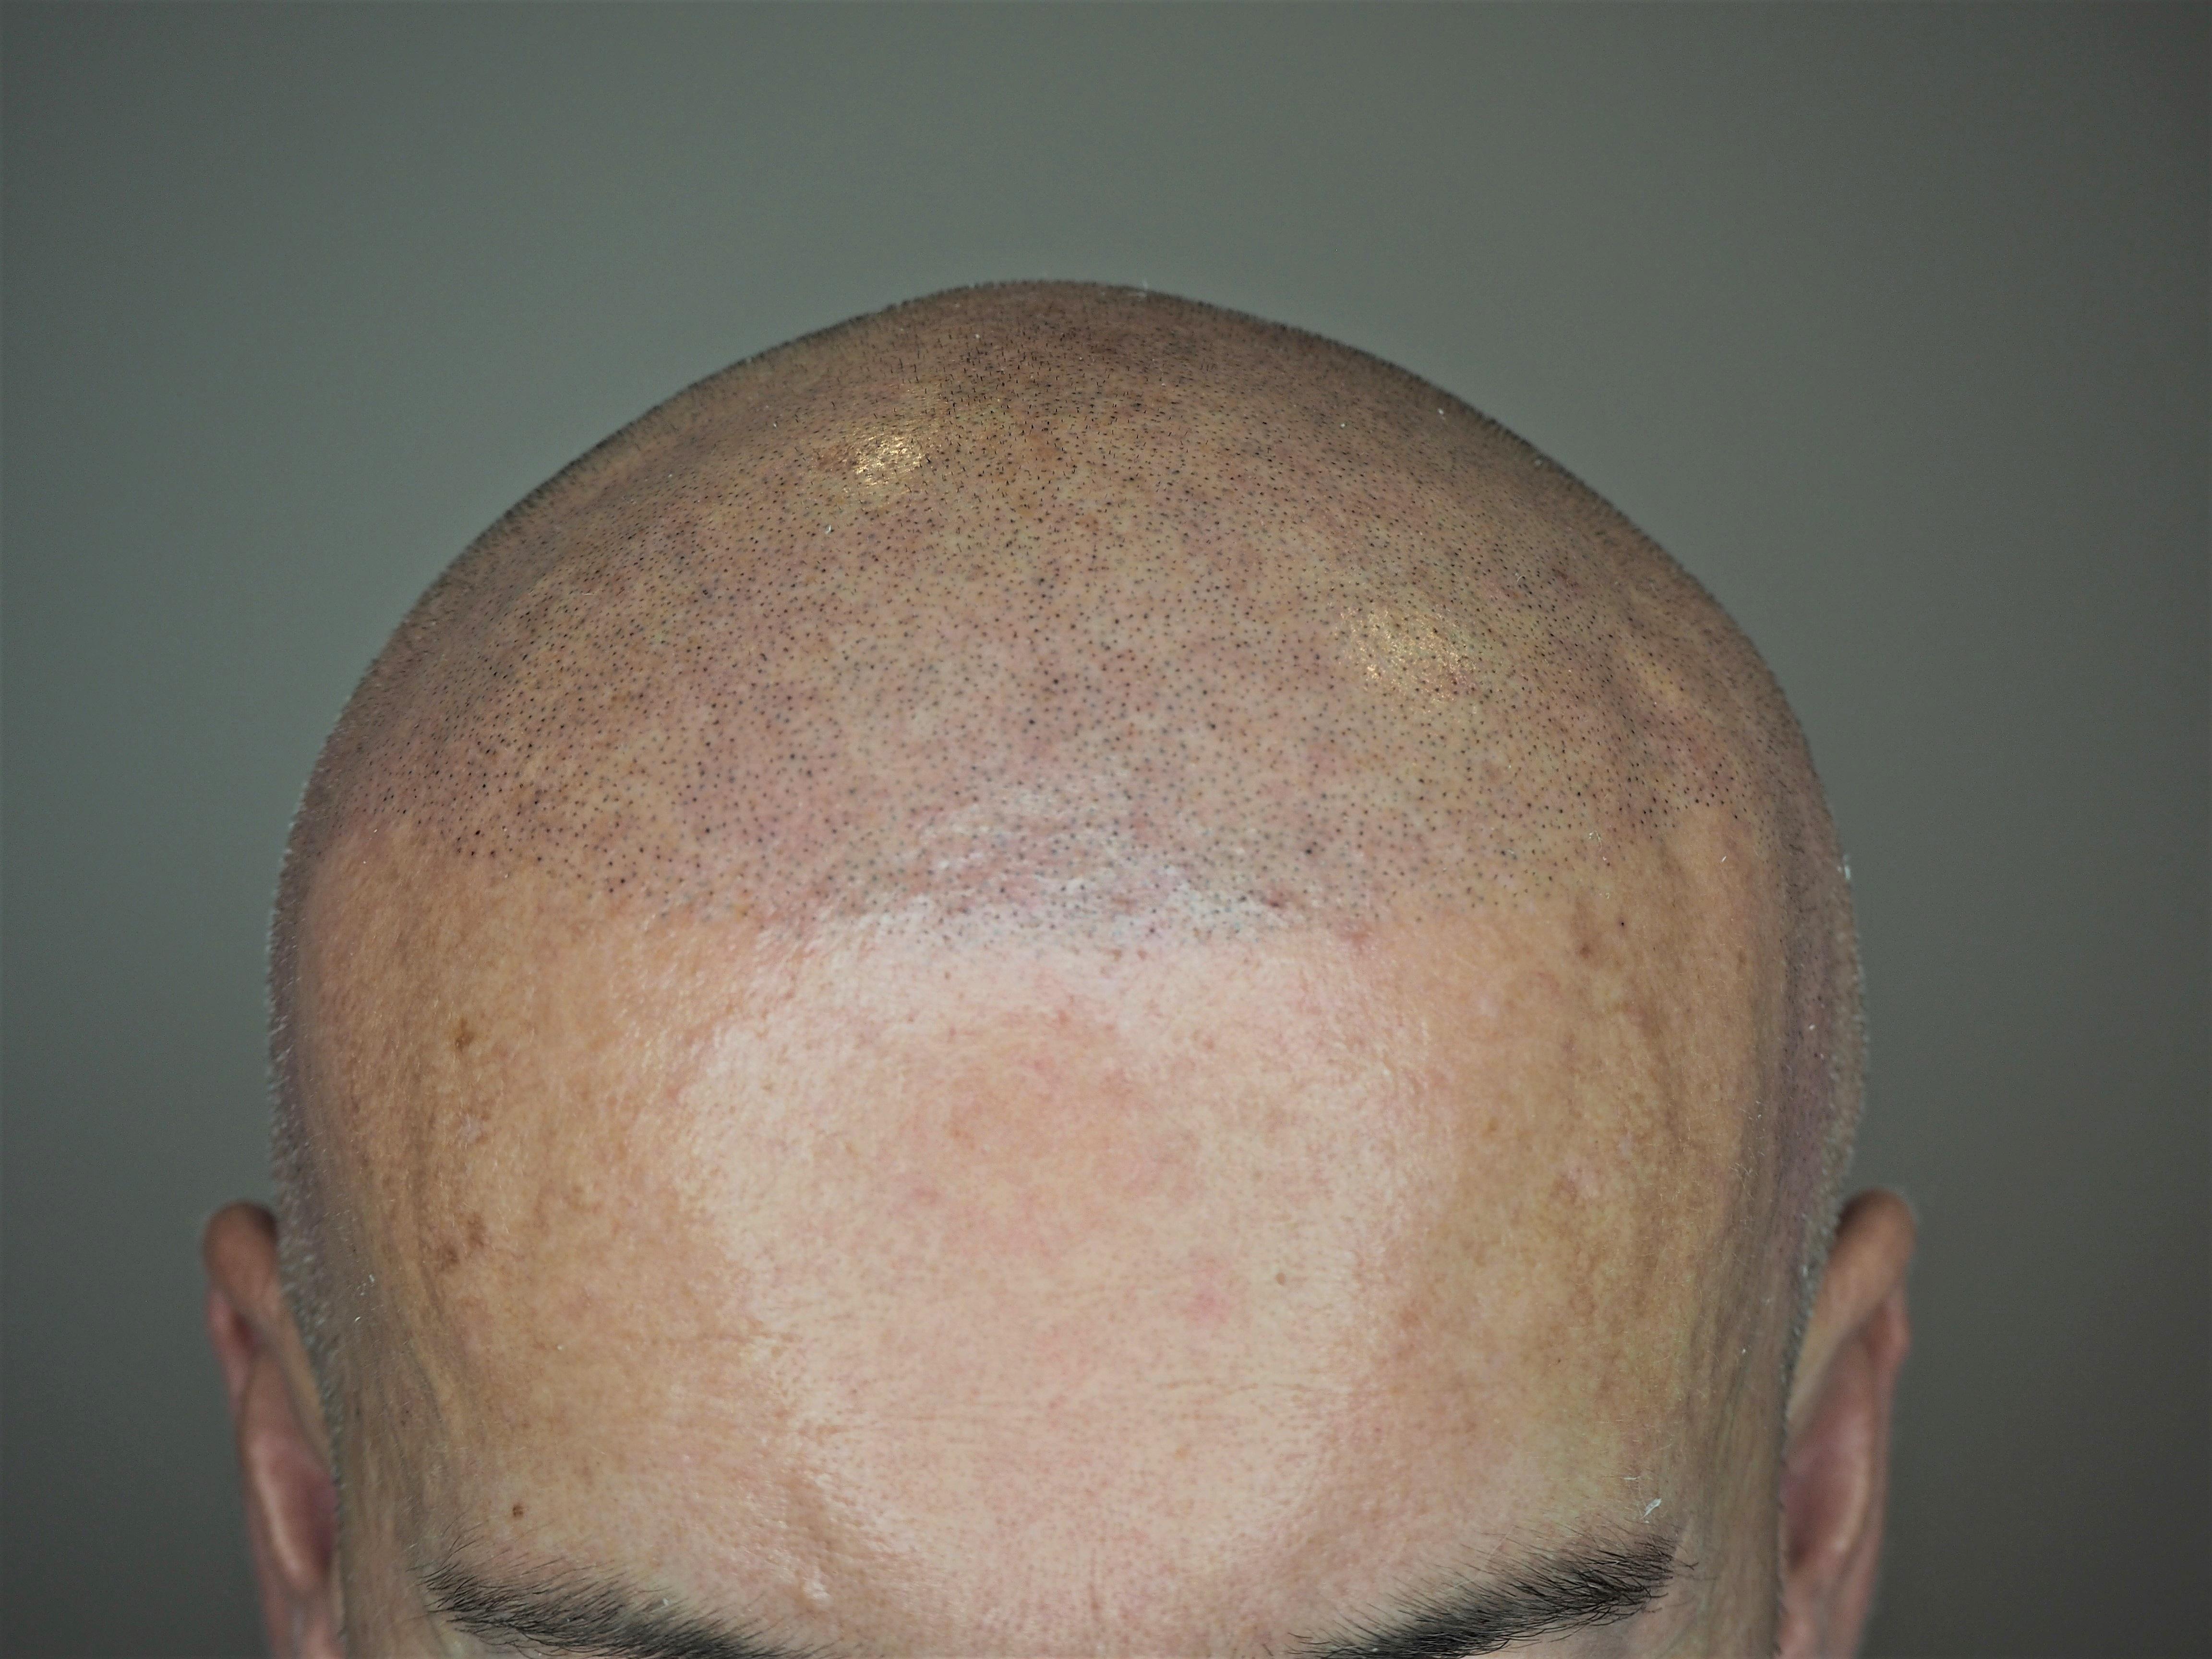 Na czym polega mikropigmentacja skóry głowy? Kiedy można ją zastosować?